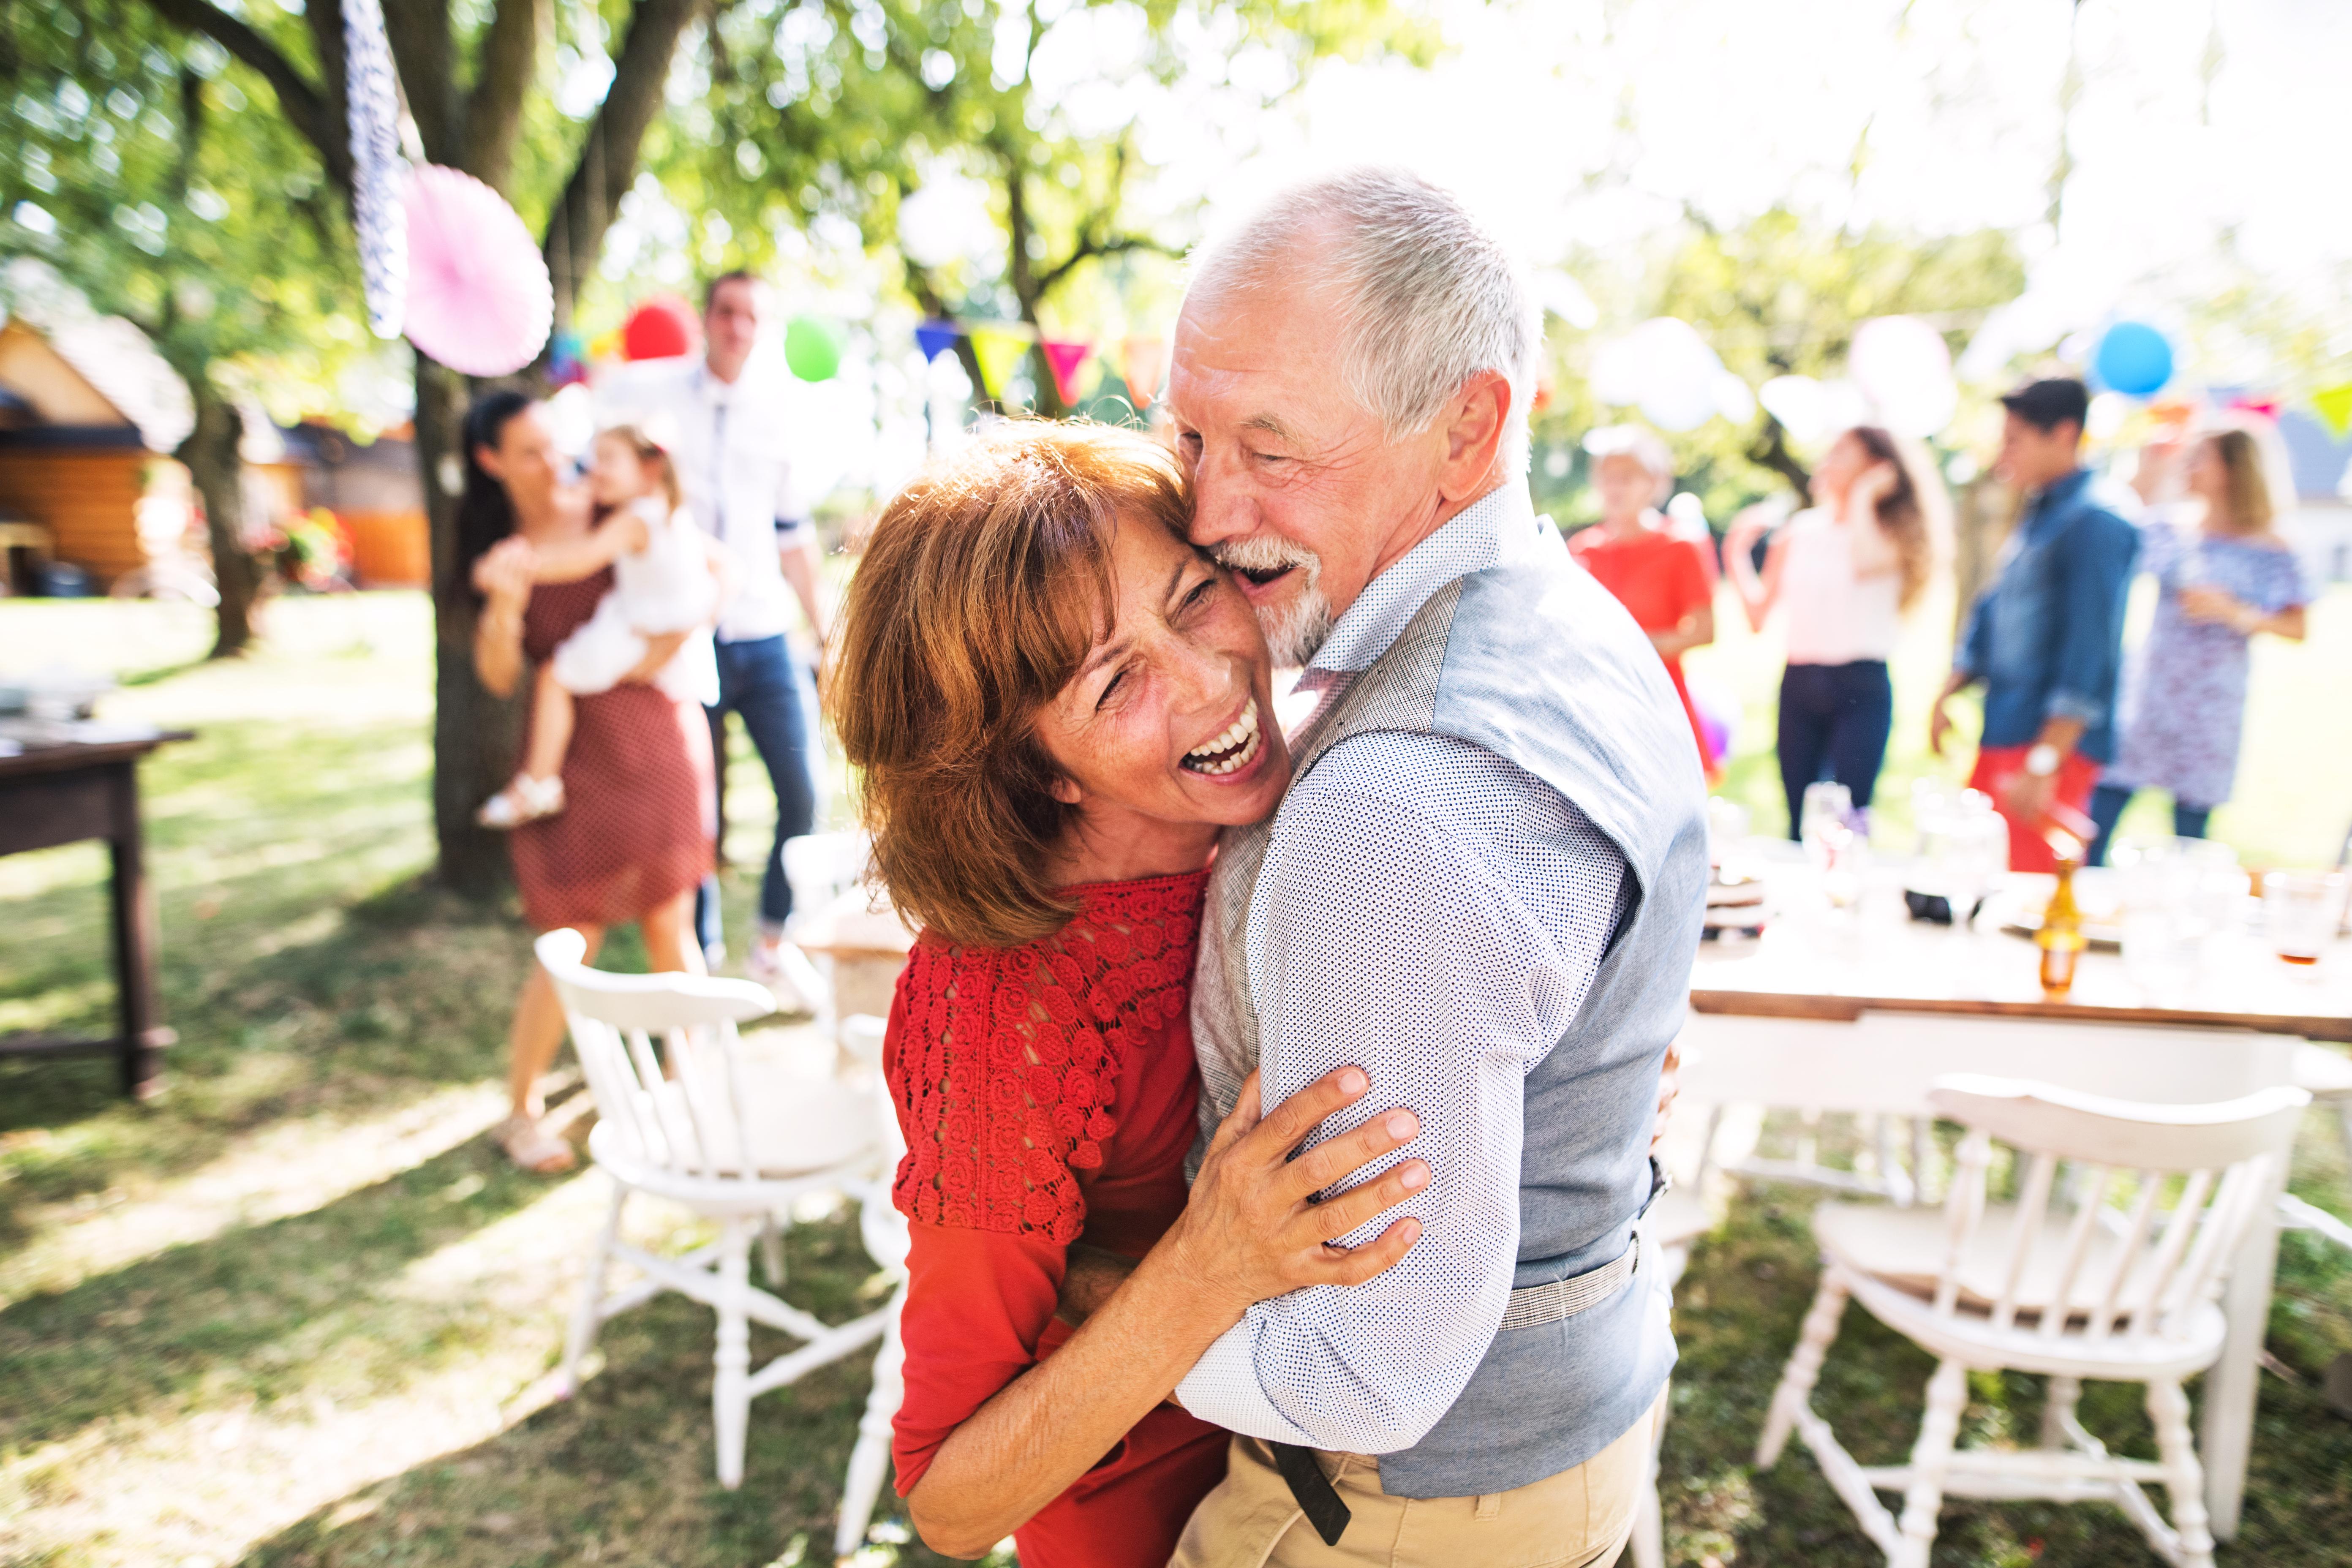 Matéria MBD - Dia dos Pais - Um casal sênior dançando em uma festa no jardim lá fora no quintal. - palavras-chaves:Eslováquia, Terceira idade, Dançar, Casal, Família